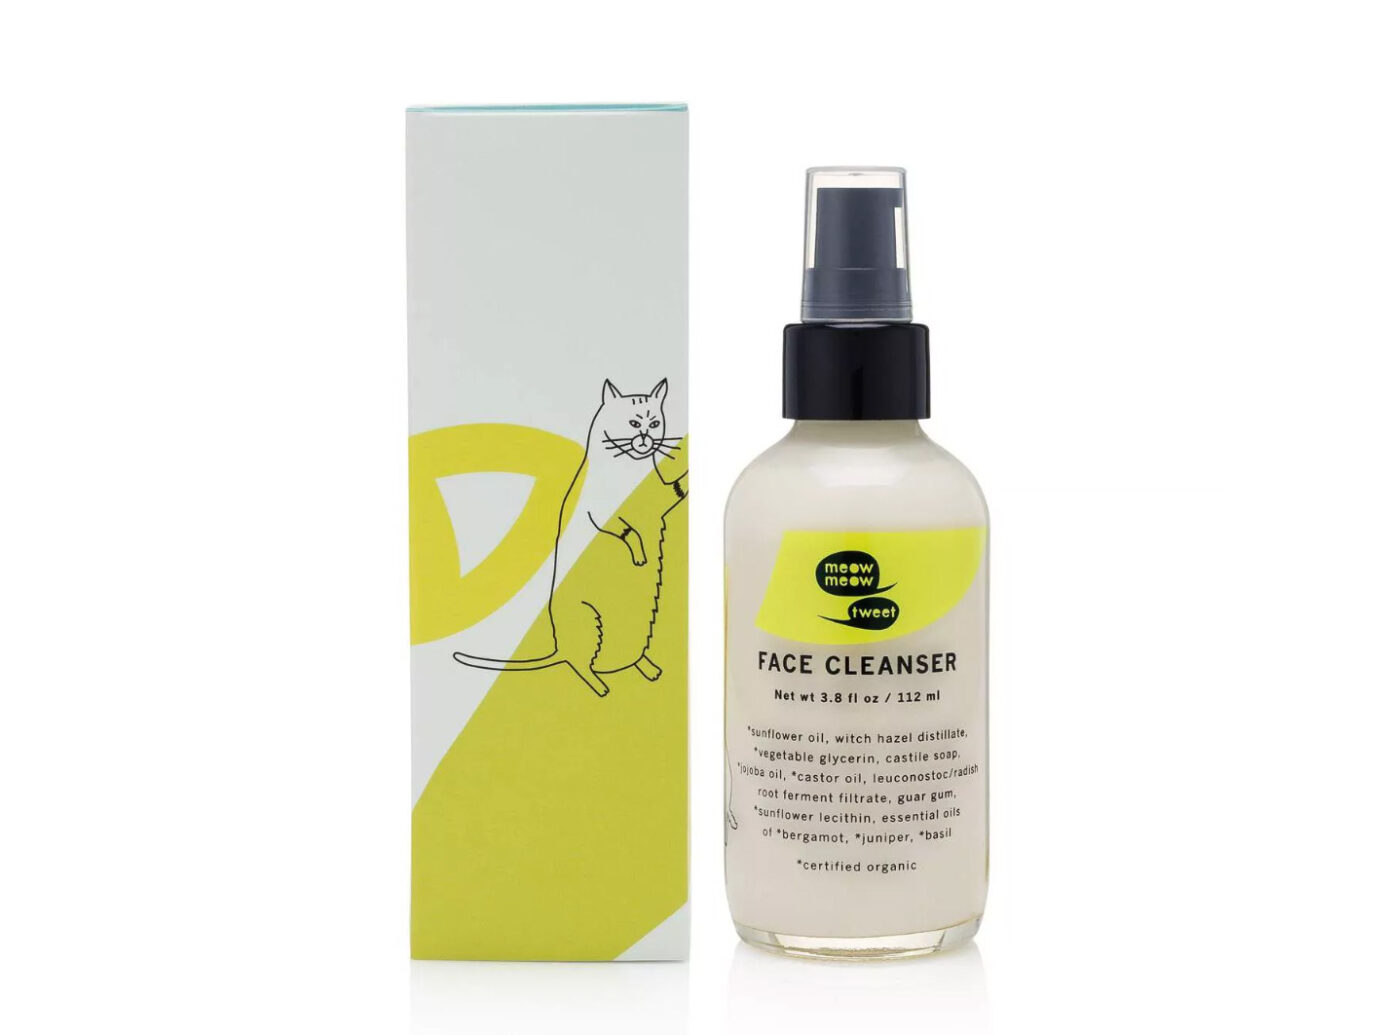 Meow Meow Tweet Deep Liquid Facial Cleanser